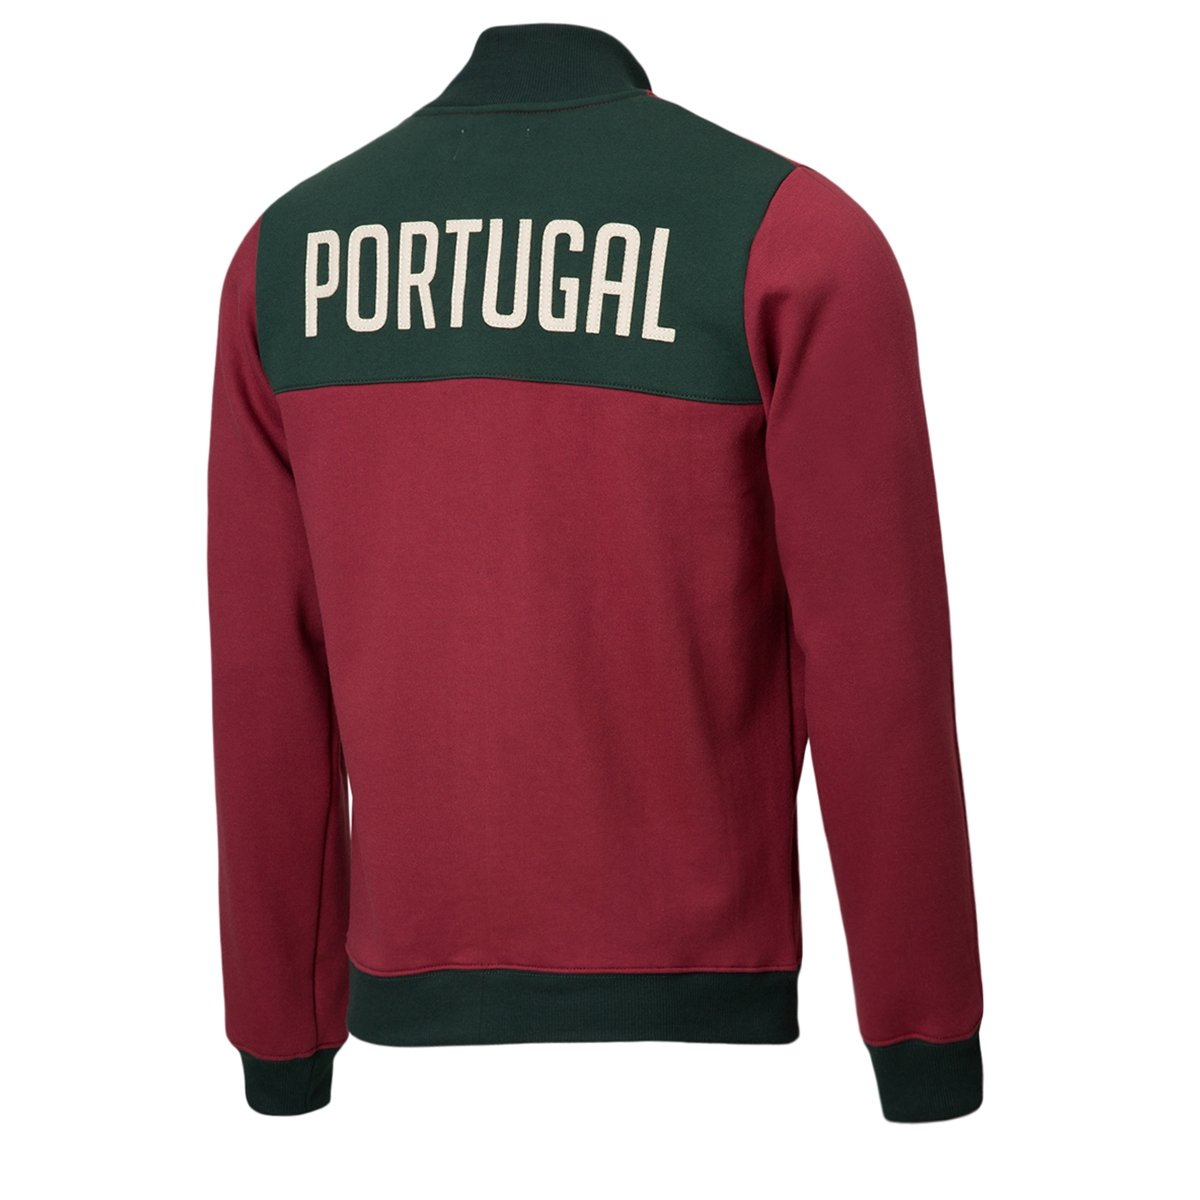 5a9b8c686bbad Jaqueta Moletom Retrô Gol Seleção Portugal Torcedor - Compre Agora ...